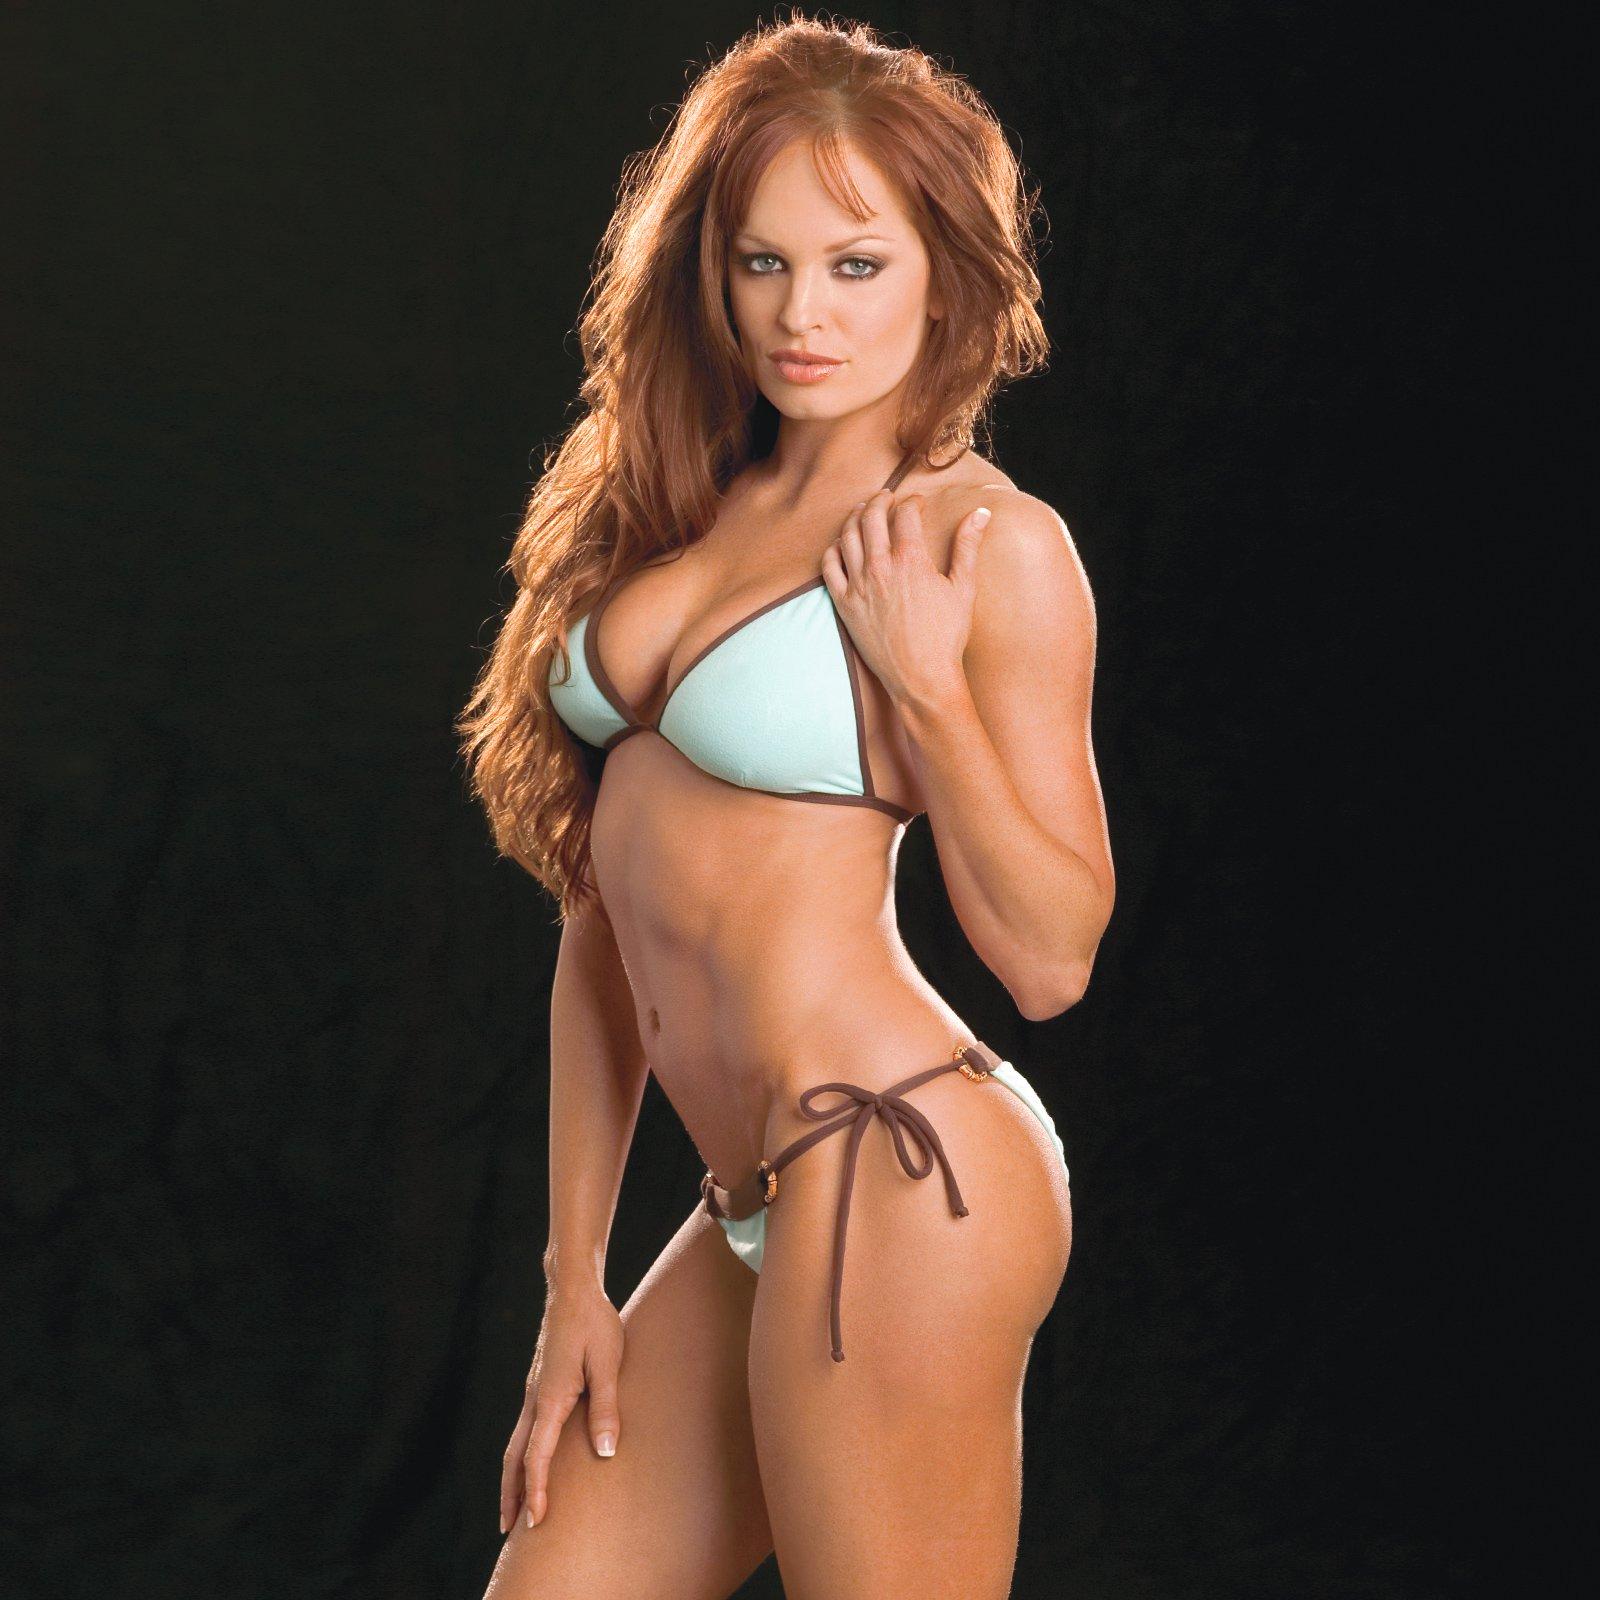 Celebrity Victoria Nude Pics Wrestling Pic